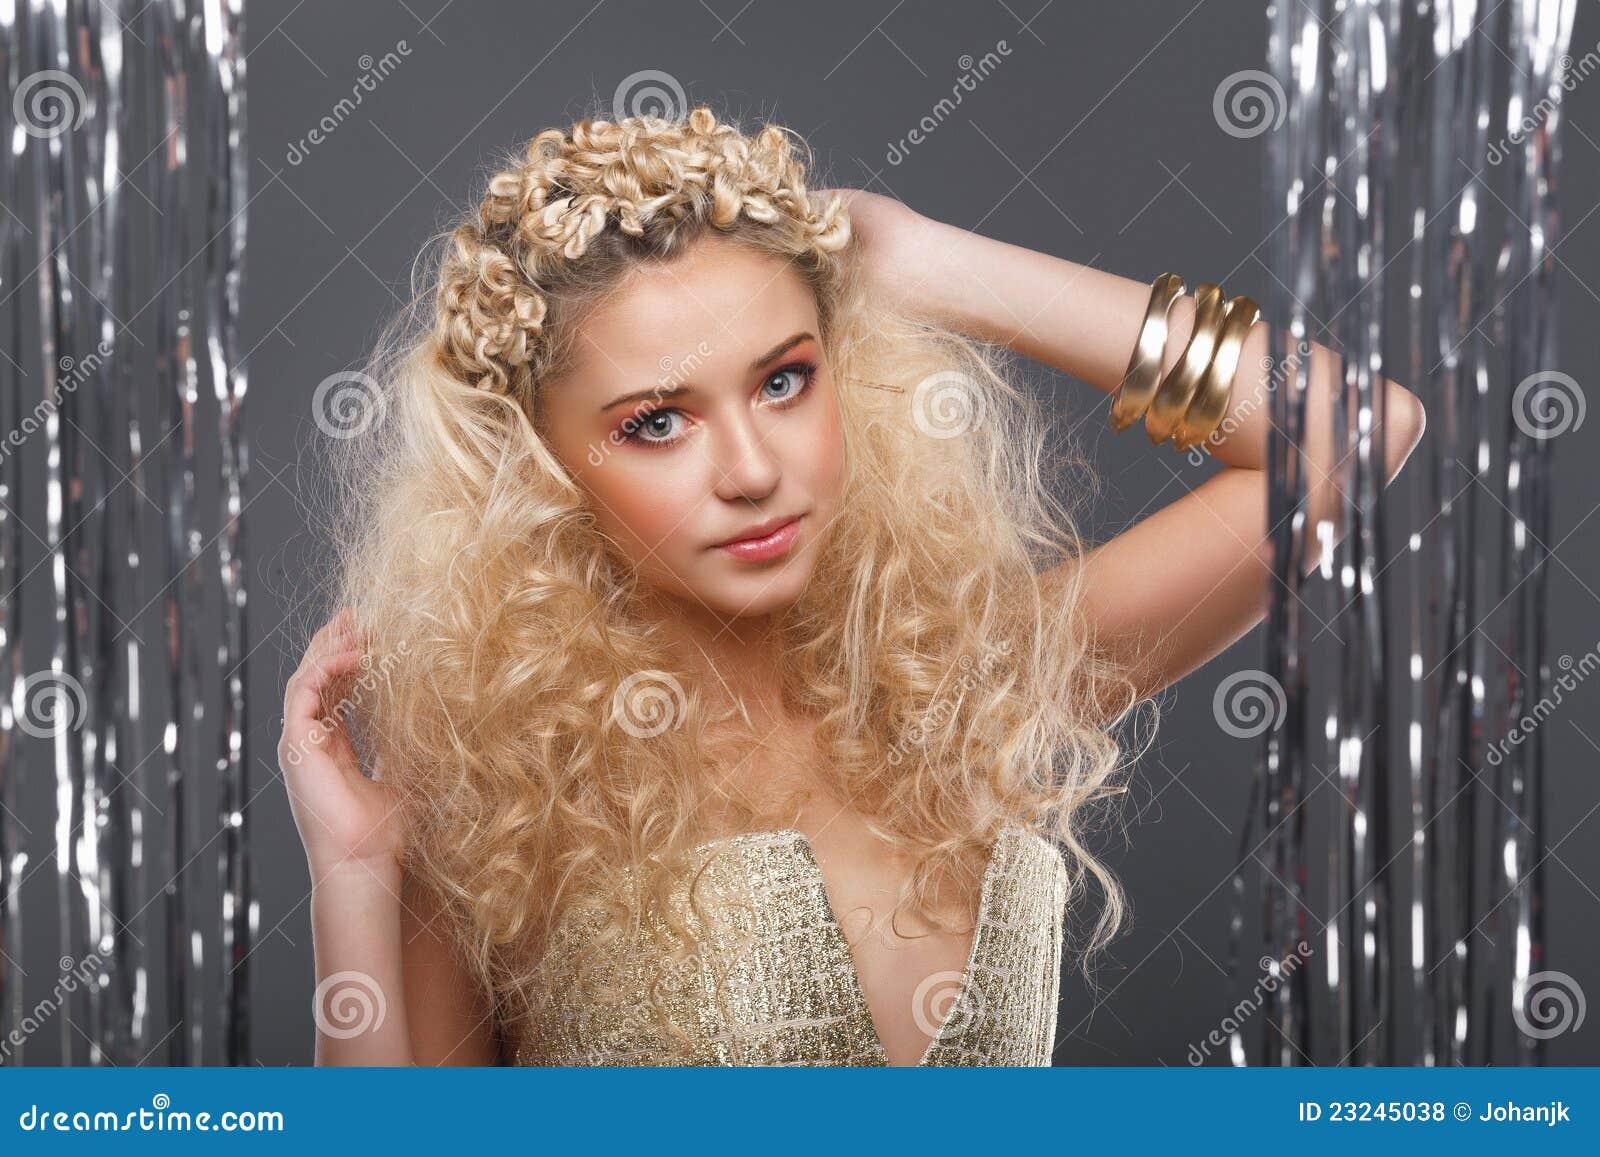 Сонник Волосы приснились к чему снятся во сне Волосы